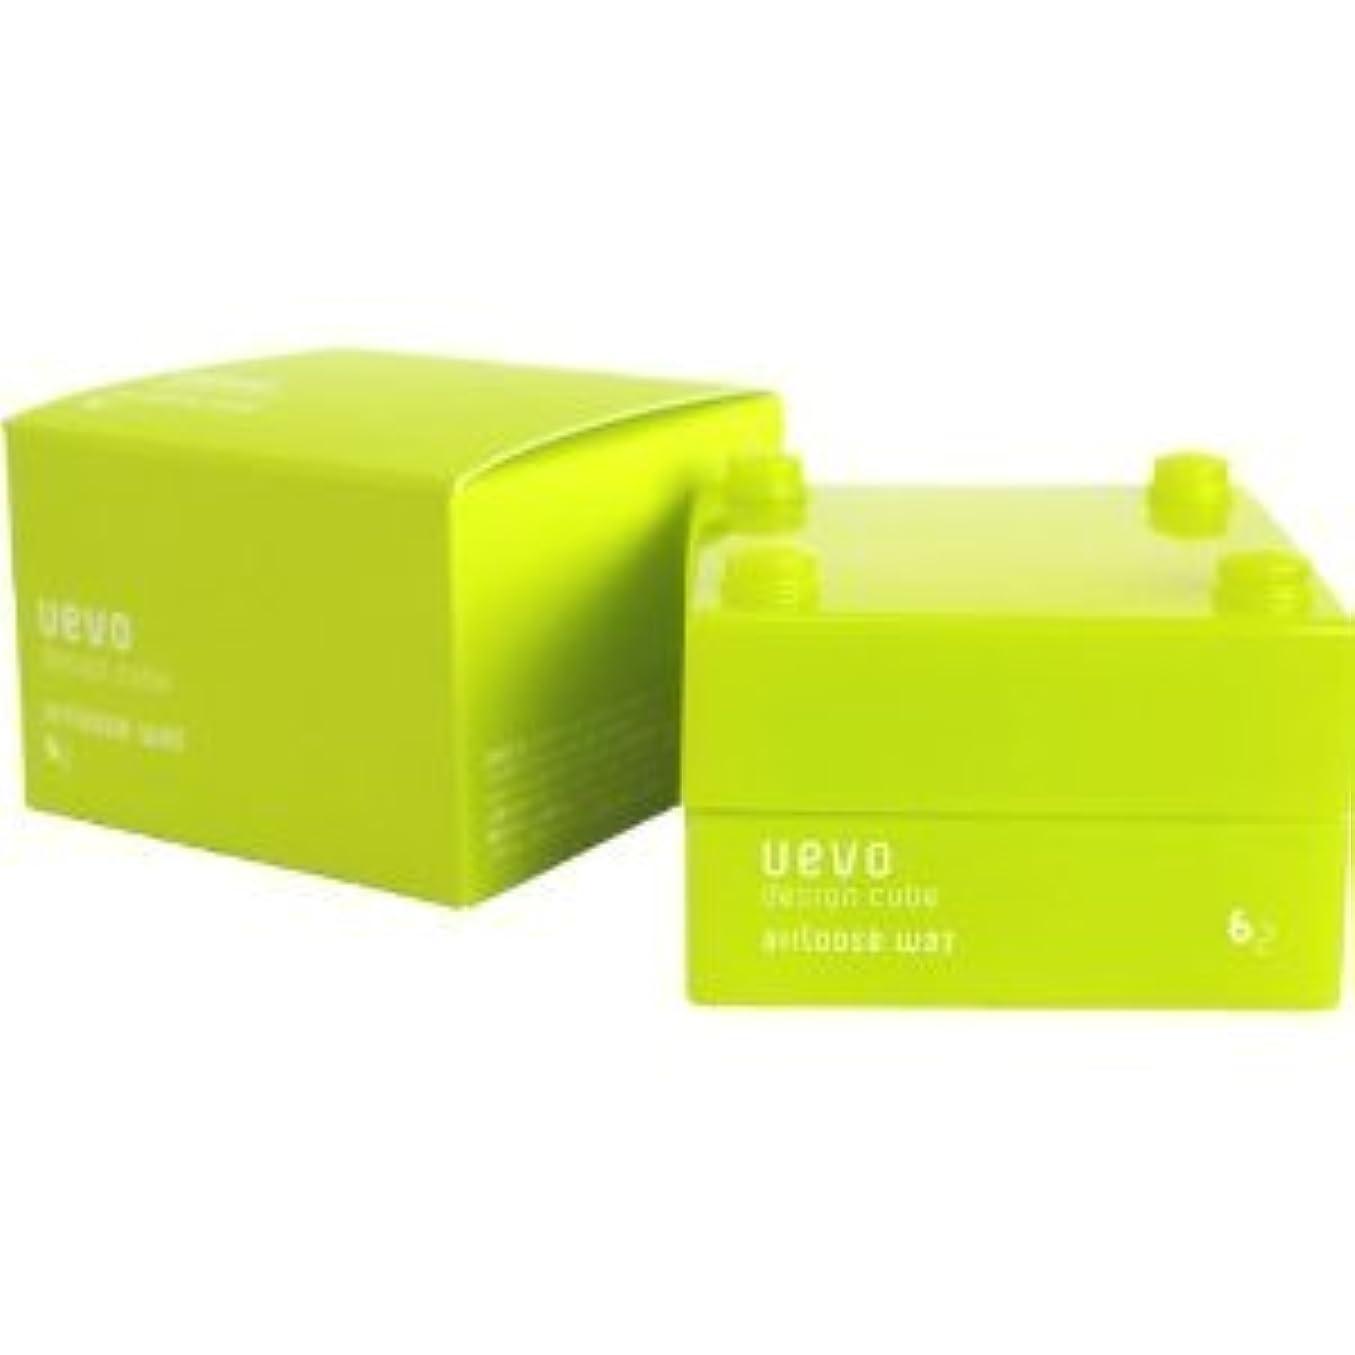 ベルベット不実犬【X3個セット】 デミ ウェーボ デザインキューブ エアルーズワックス 30g airloose wax DEMI uevo design cube